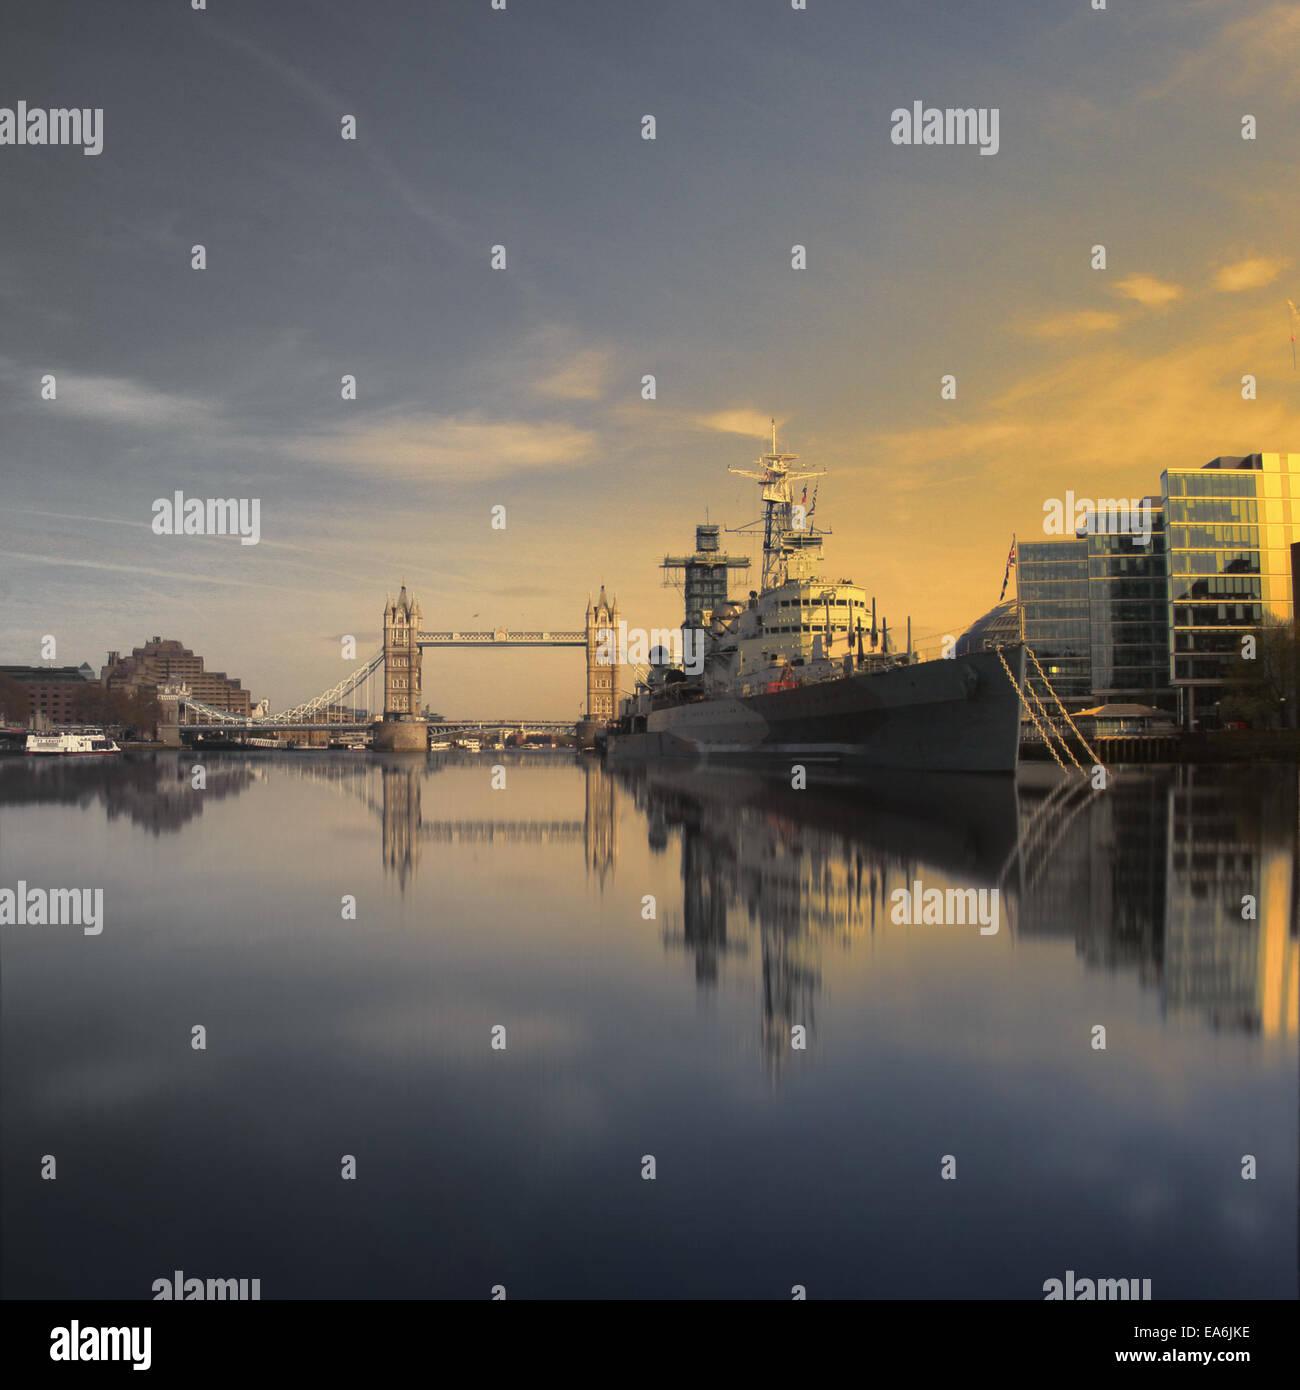 Reino Unido, Londres, HMS Belfast y el Tower Bridge, visto desde la línea de agua Imagen De Stock